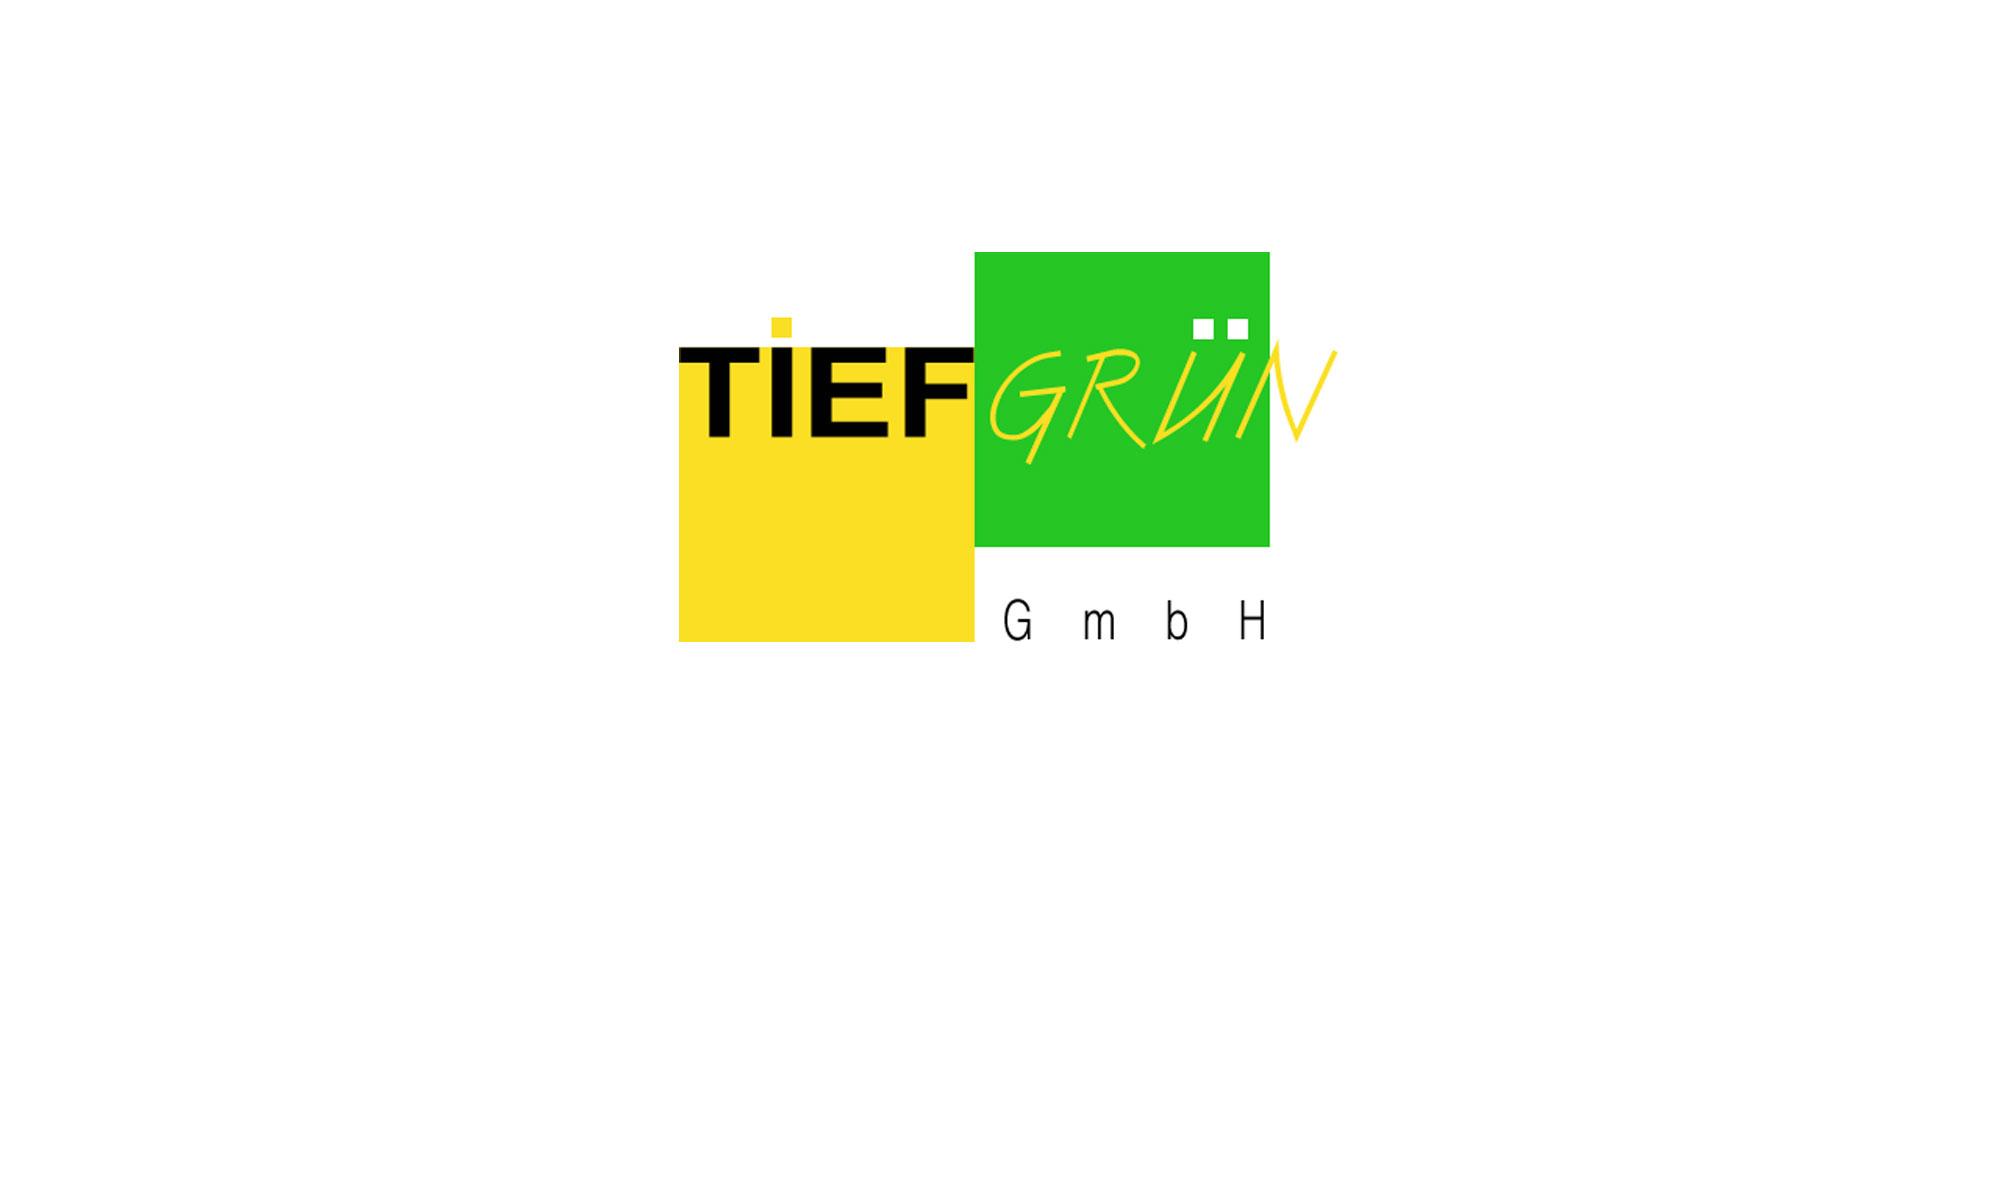 Tiefgrün GmbH